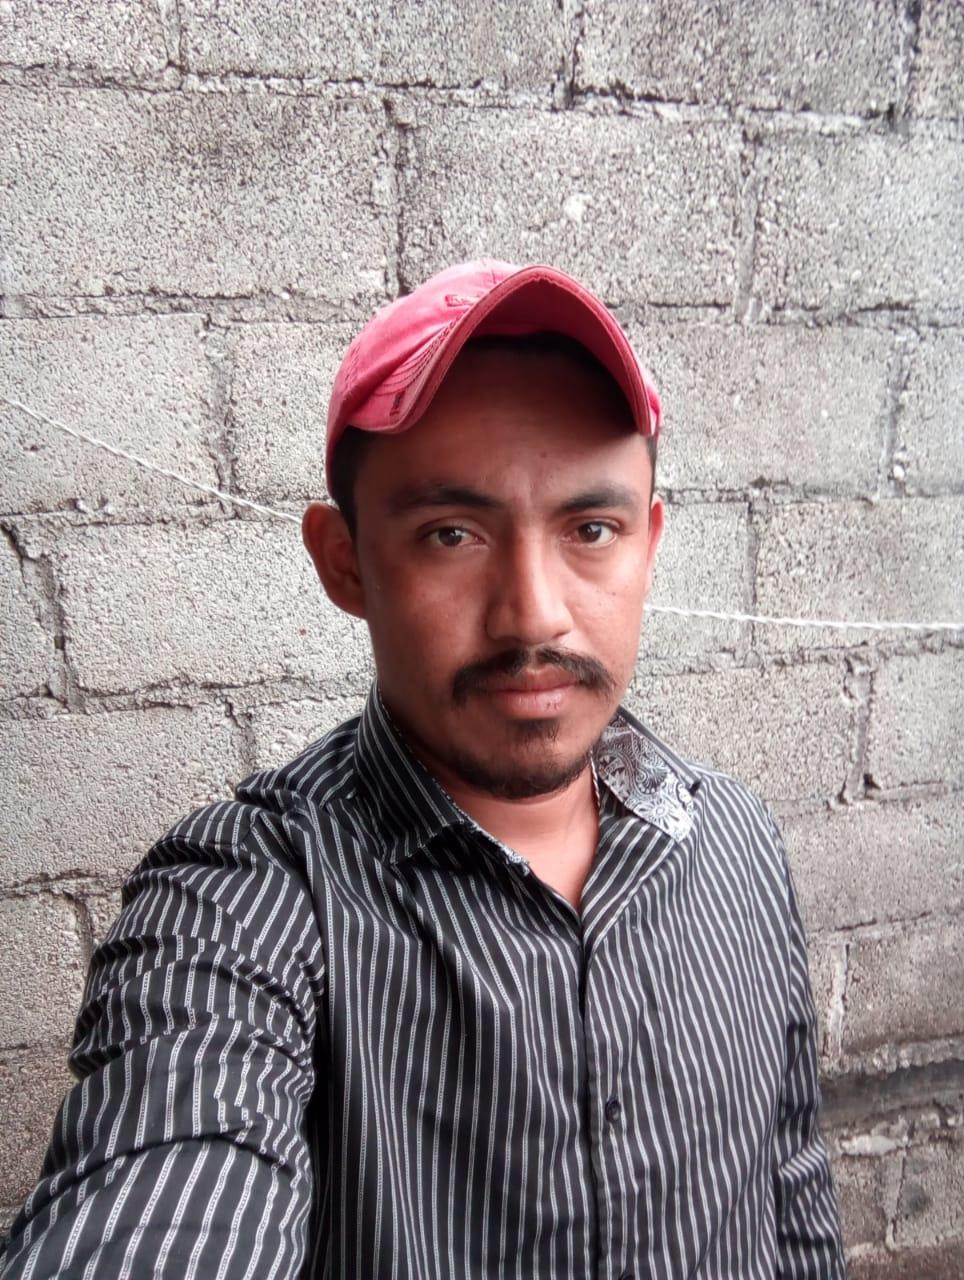 Aparece muerto joven que presuntamente fue detenido por policías